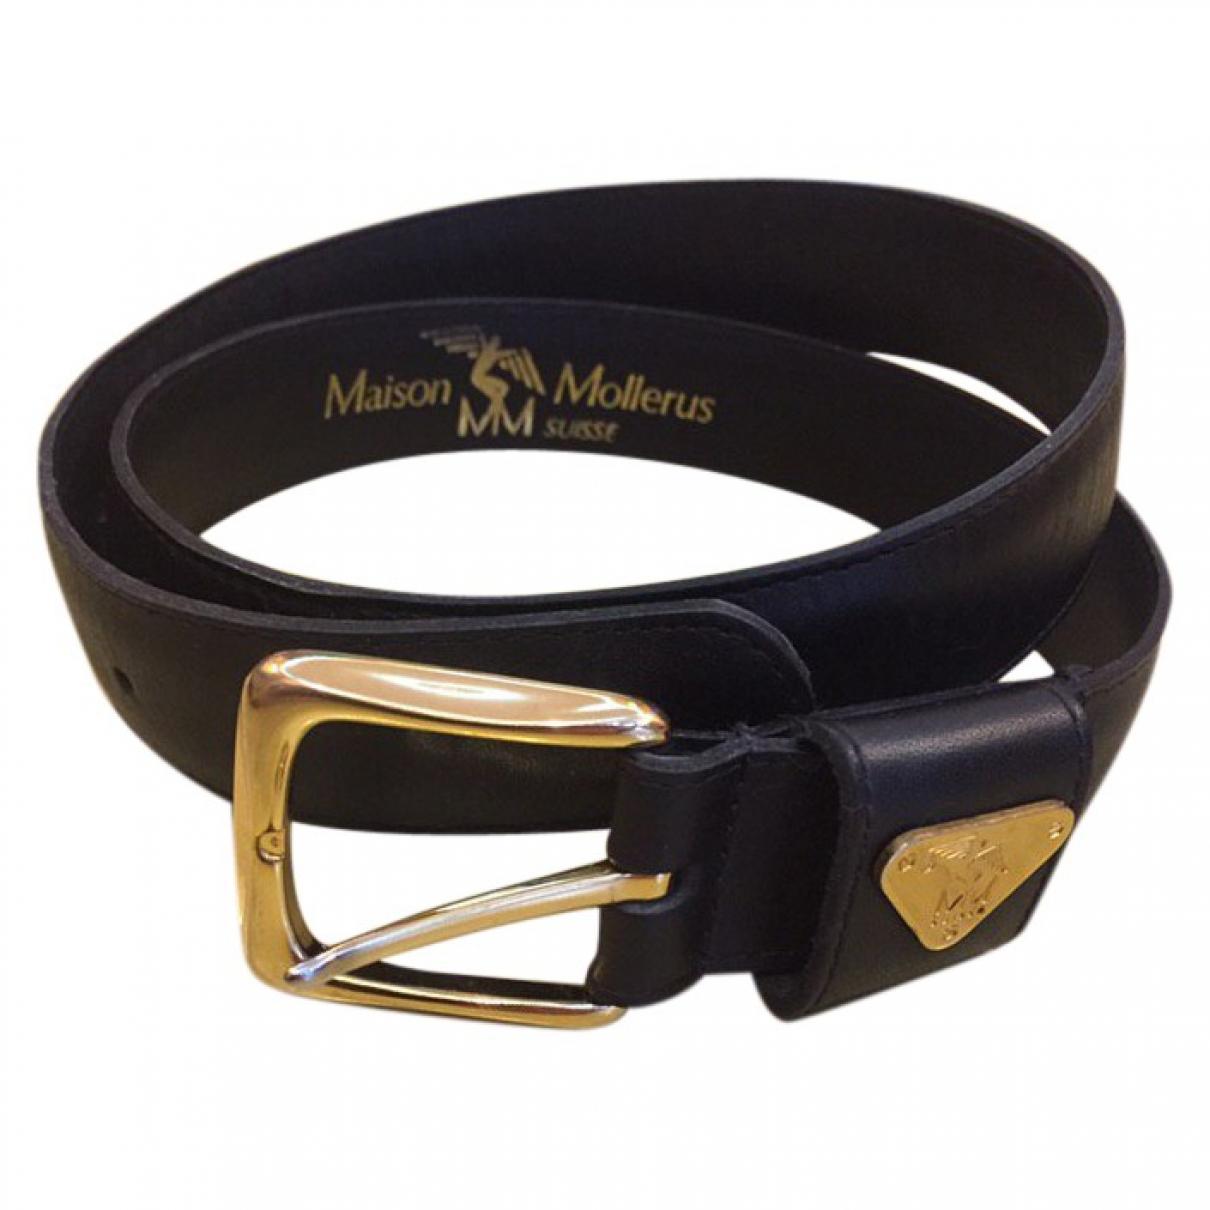 Mollerus \N Black Leather belt for Women 80 cm